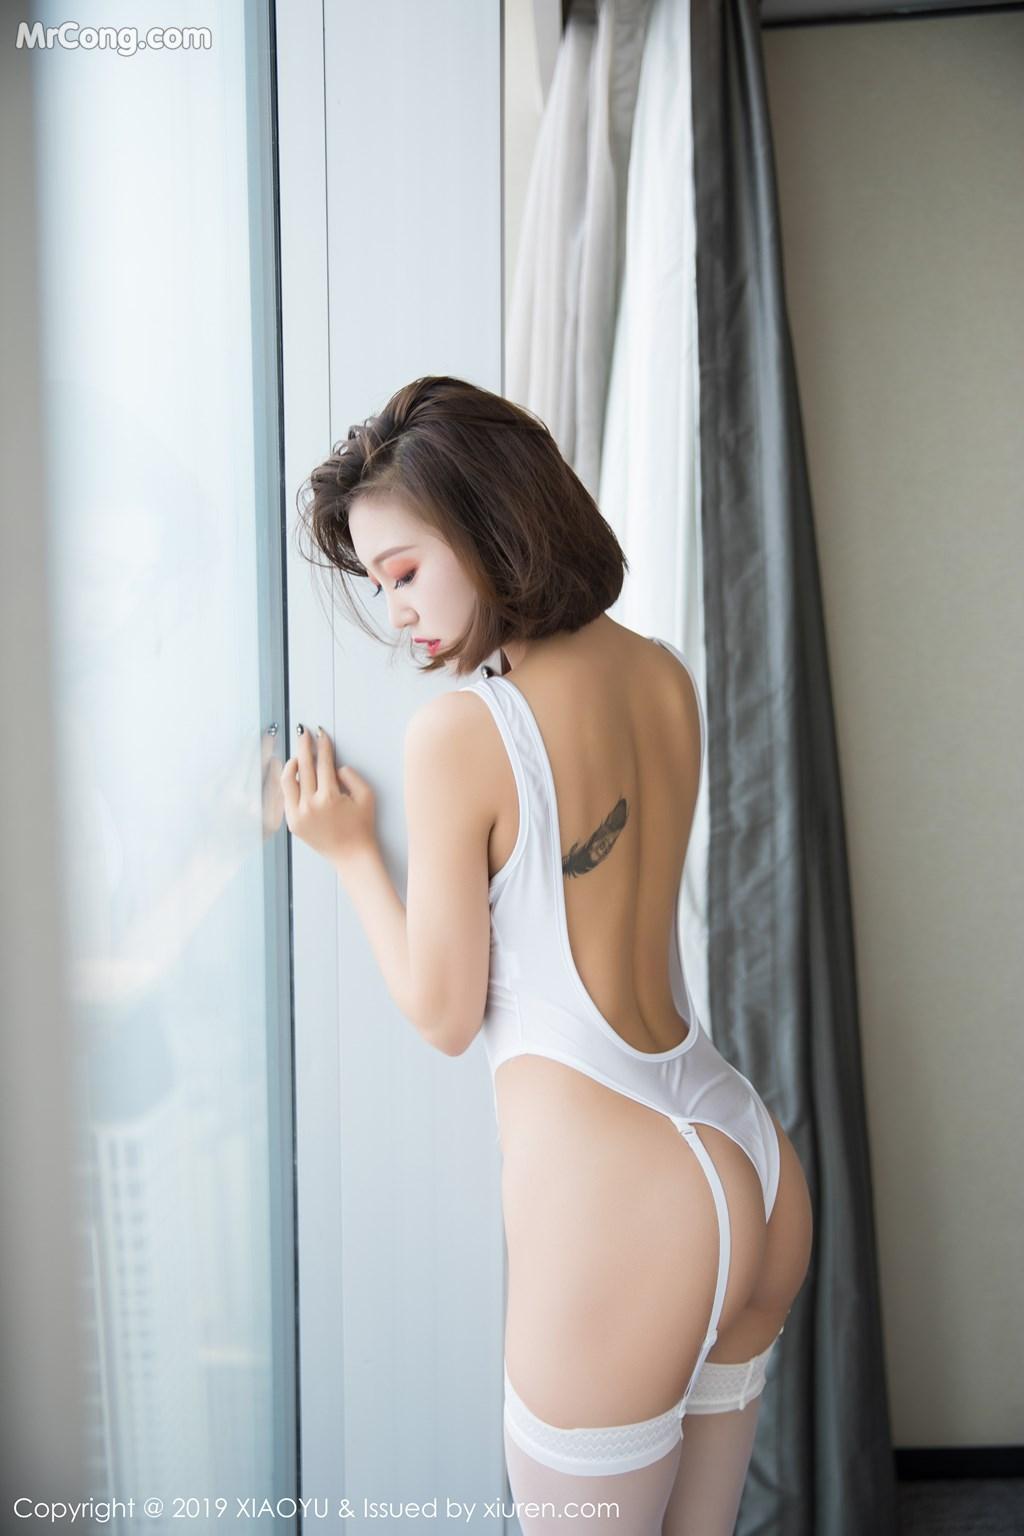 Image XiaoYu-Vol.075-LRIS-Feng-Mu-Mu-MrCong.com-002 in post XiaoYu Vol.075: LRIS (冯木木) (64 ảnh)